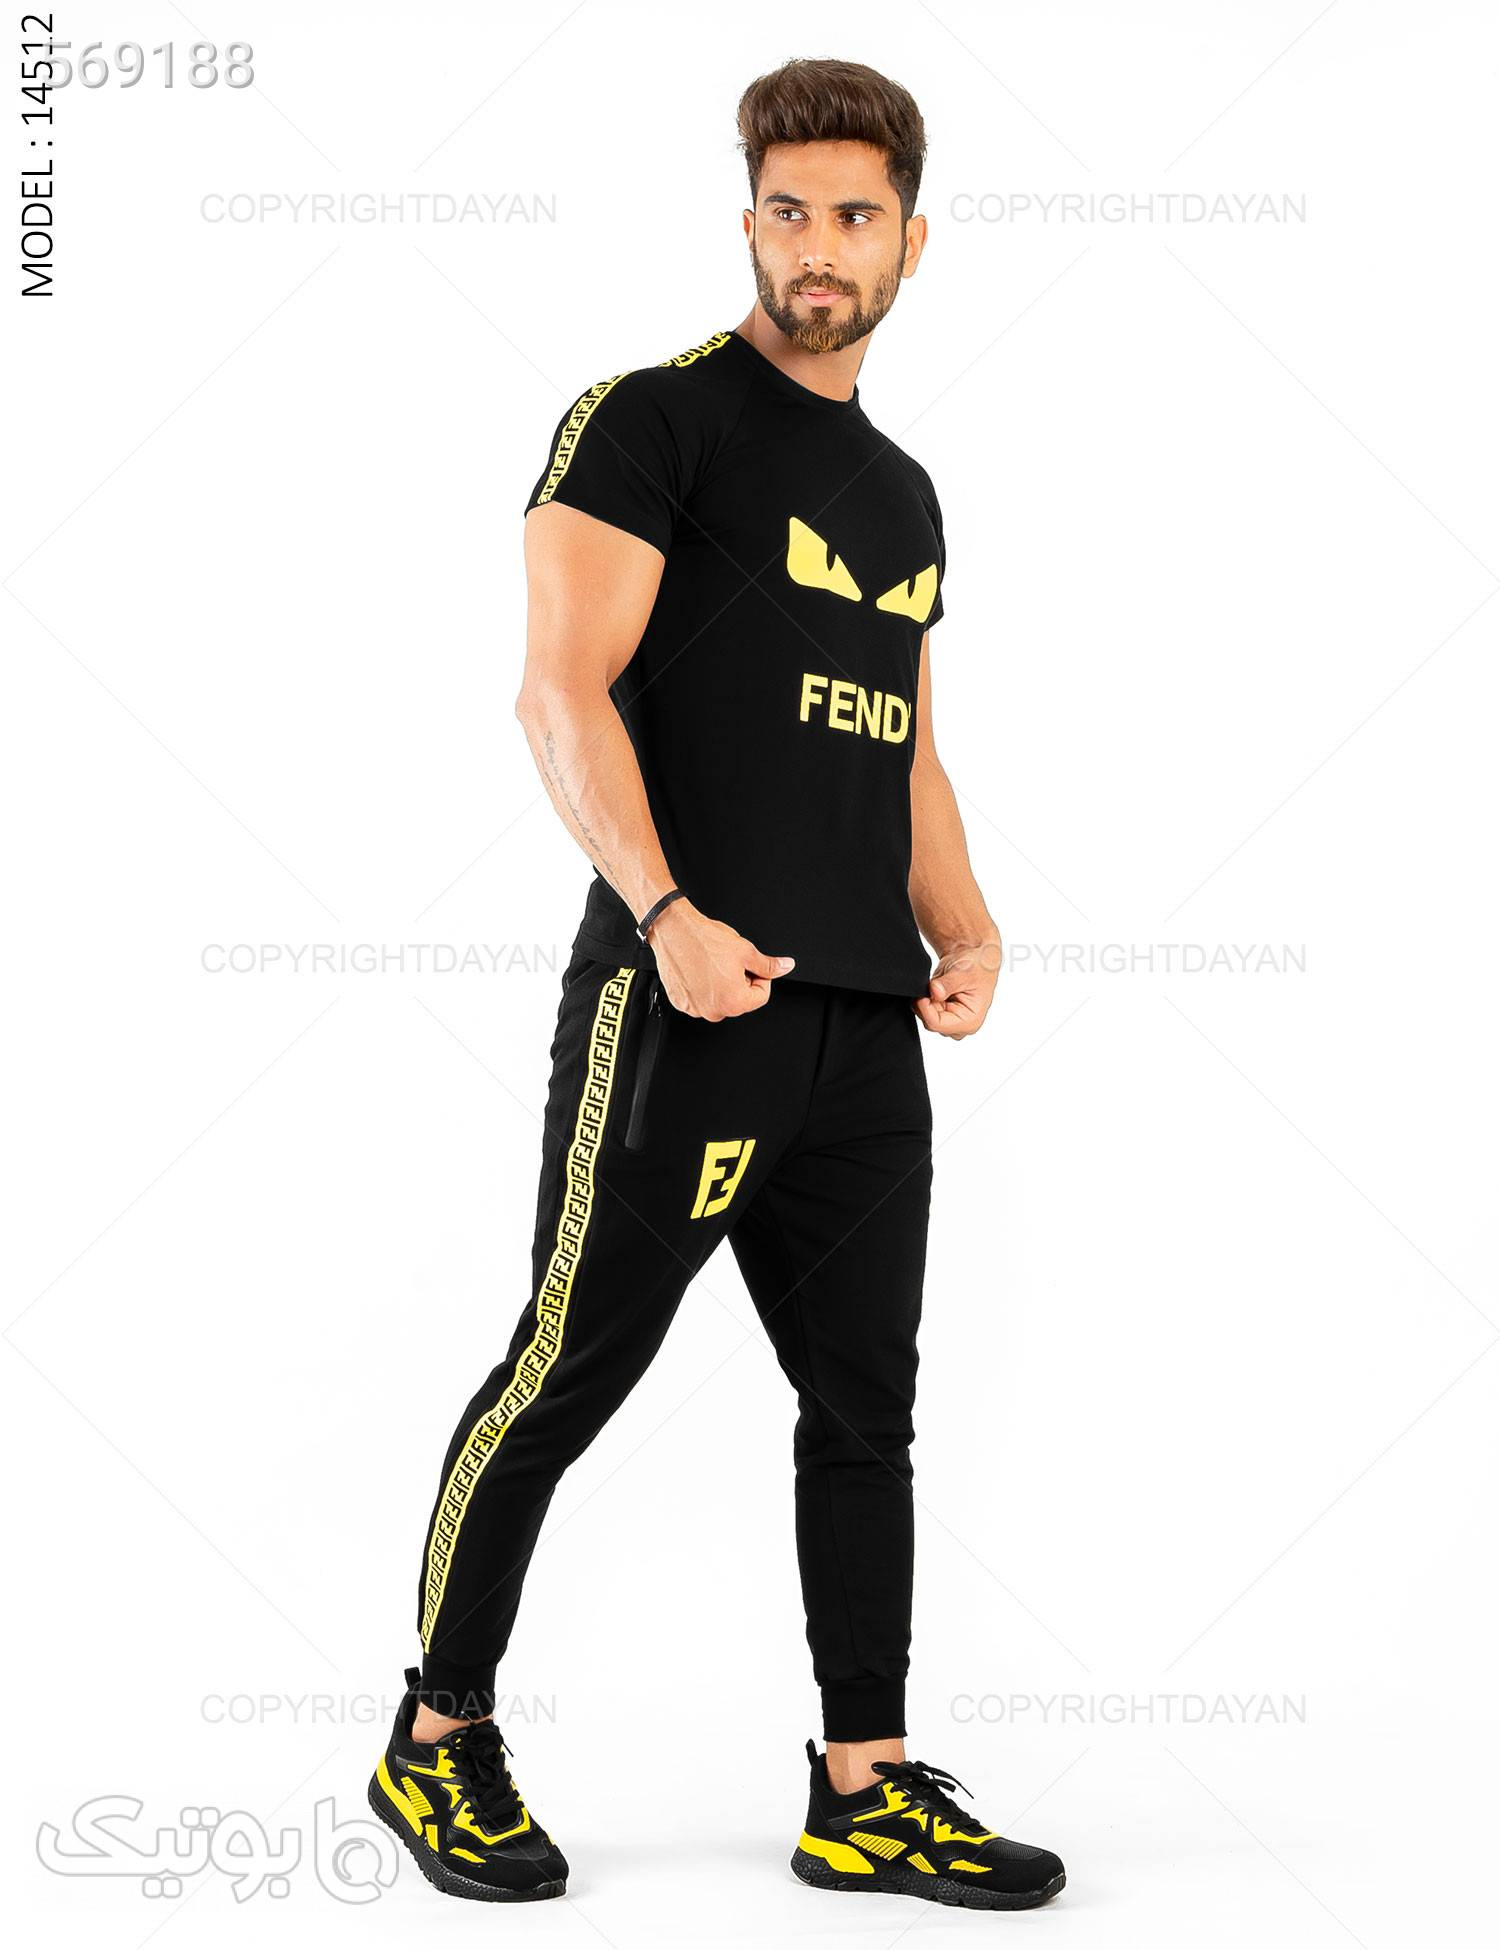 ست مردانه Fendi مدل 14512 مشکی تی شرت و پولو شرت مردانه